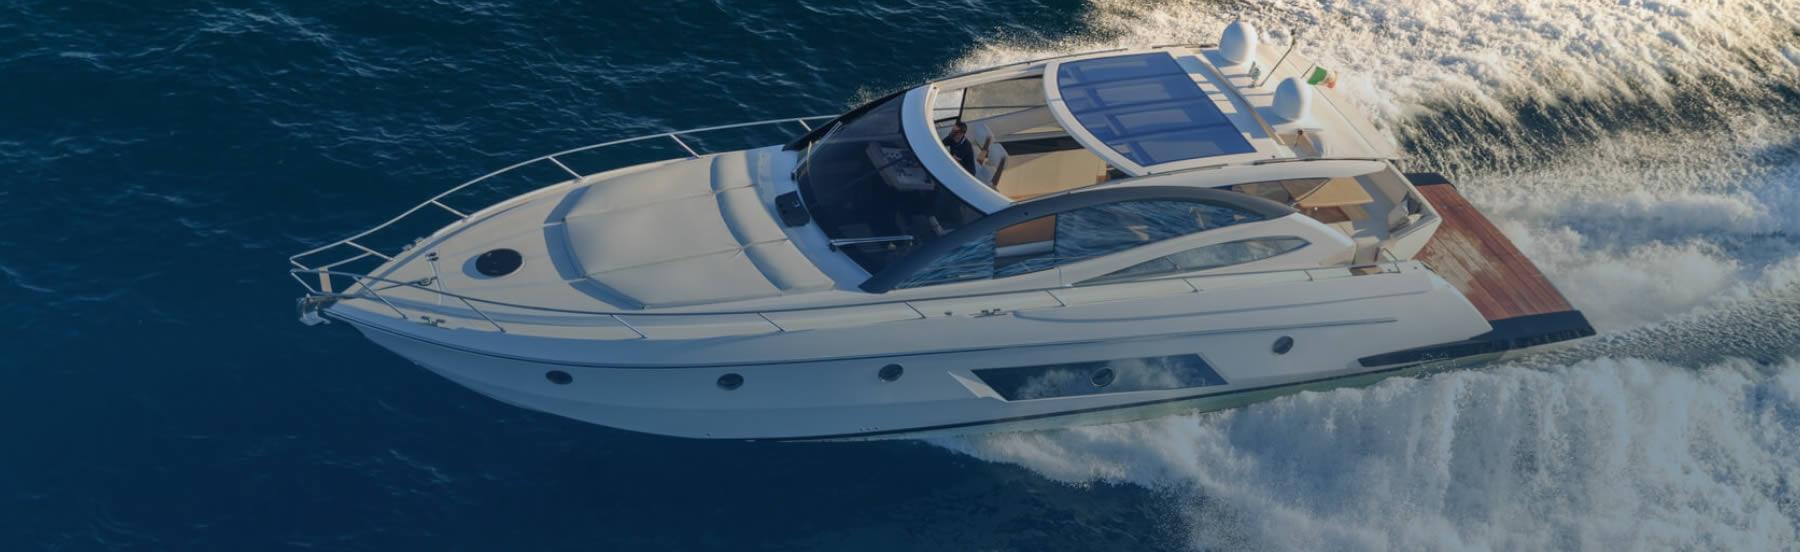 Vendita barche a motore catarsi calafuria 7 gm brokering palermo sicilia - Finestre per barche ...